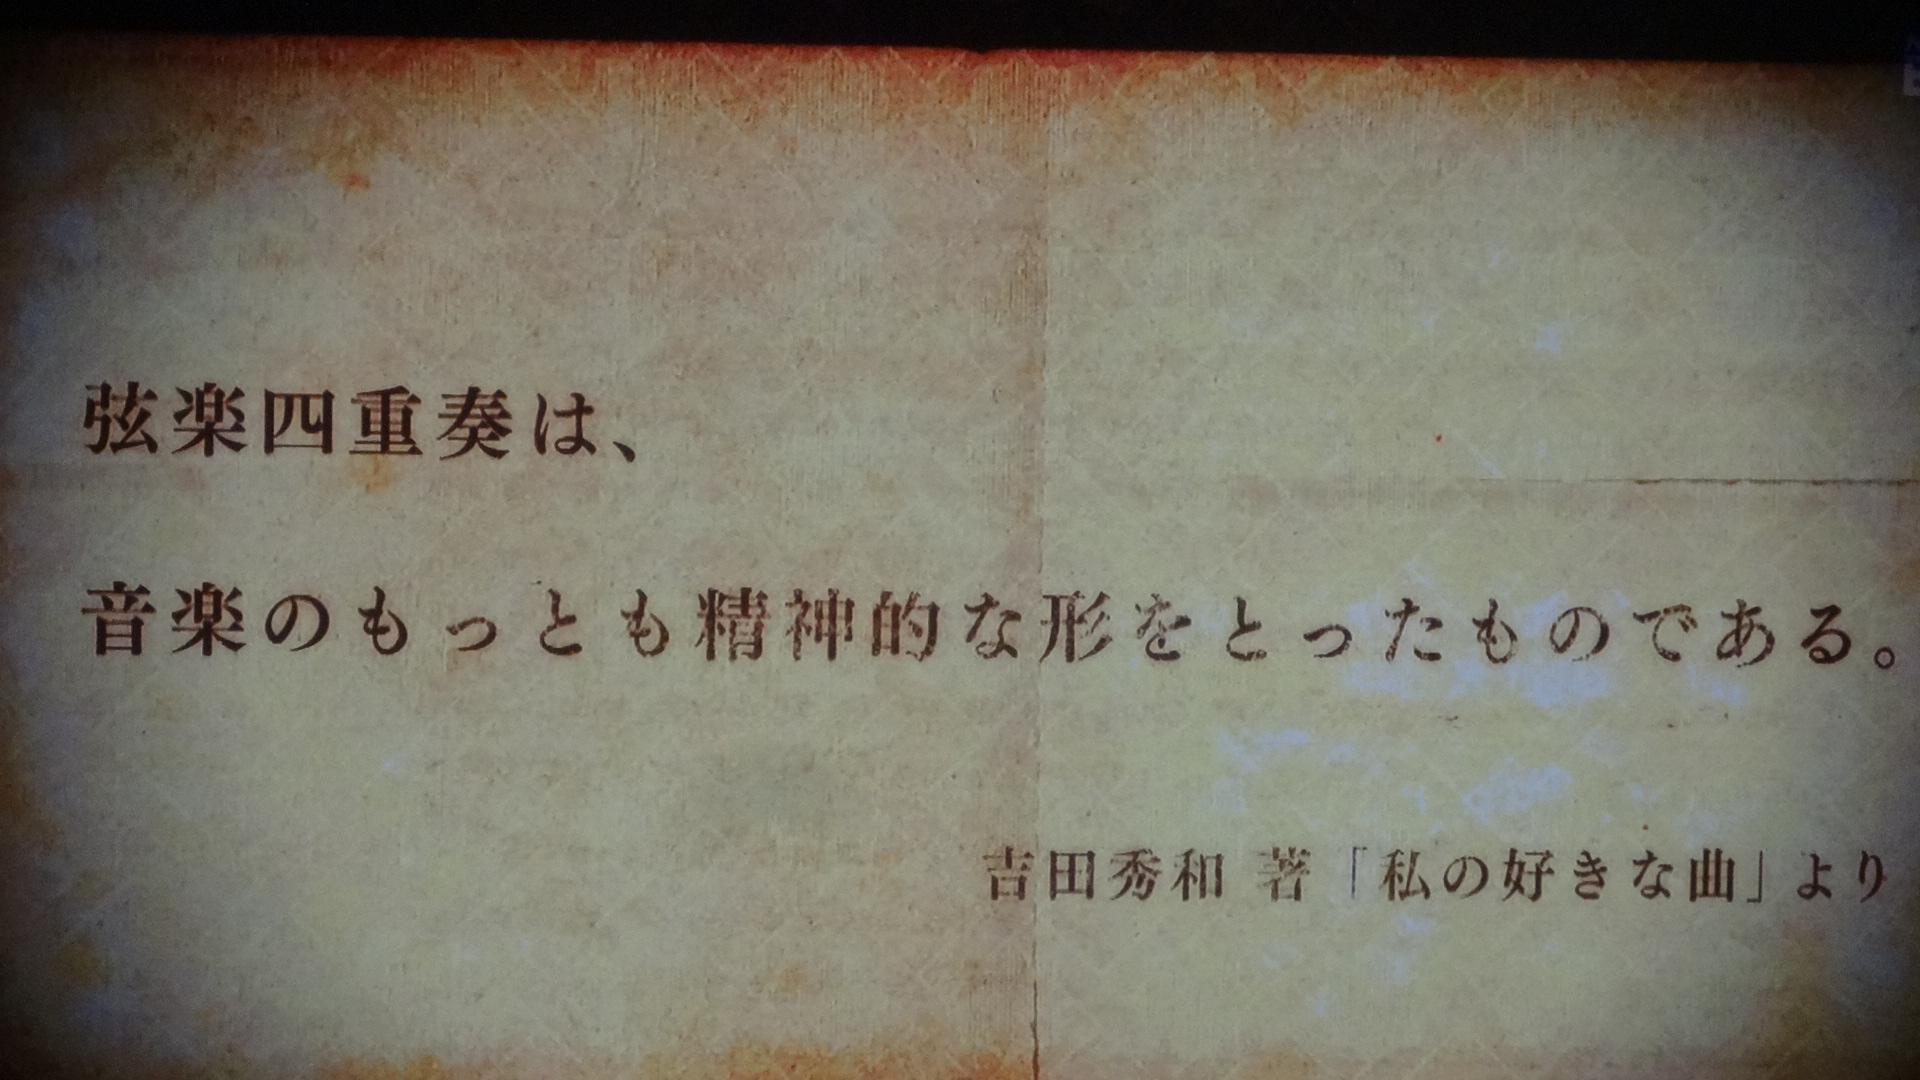 弦楽四重奏について吉田秀和さんが語った言葉が記されたカード1